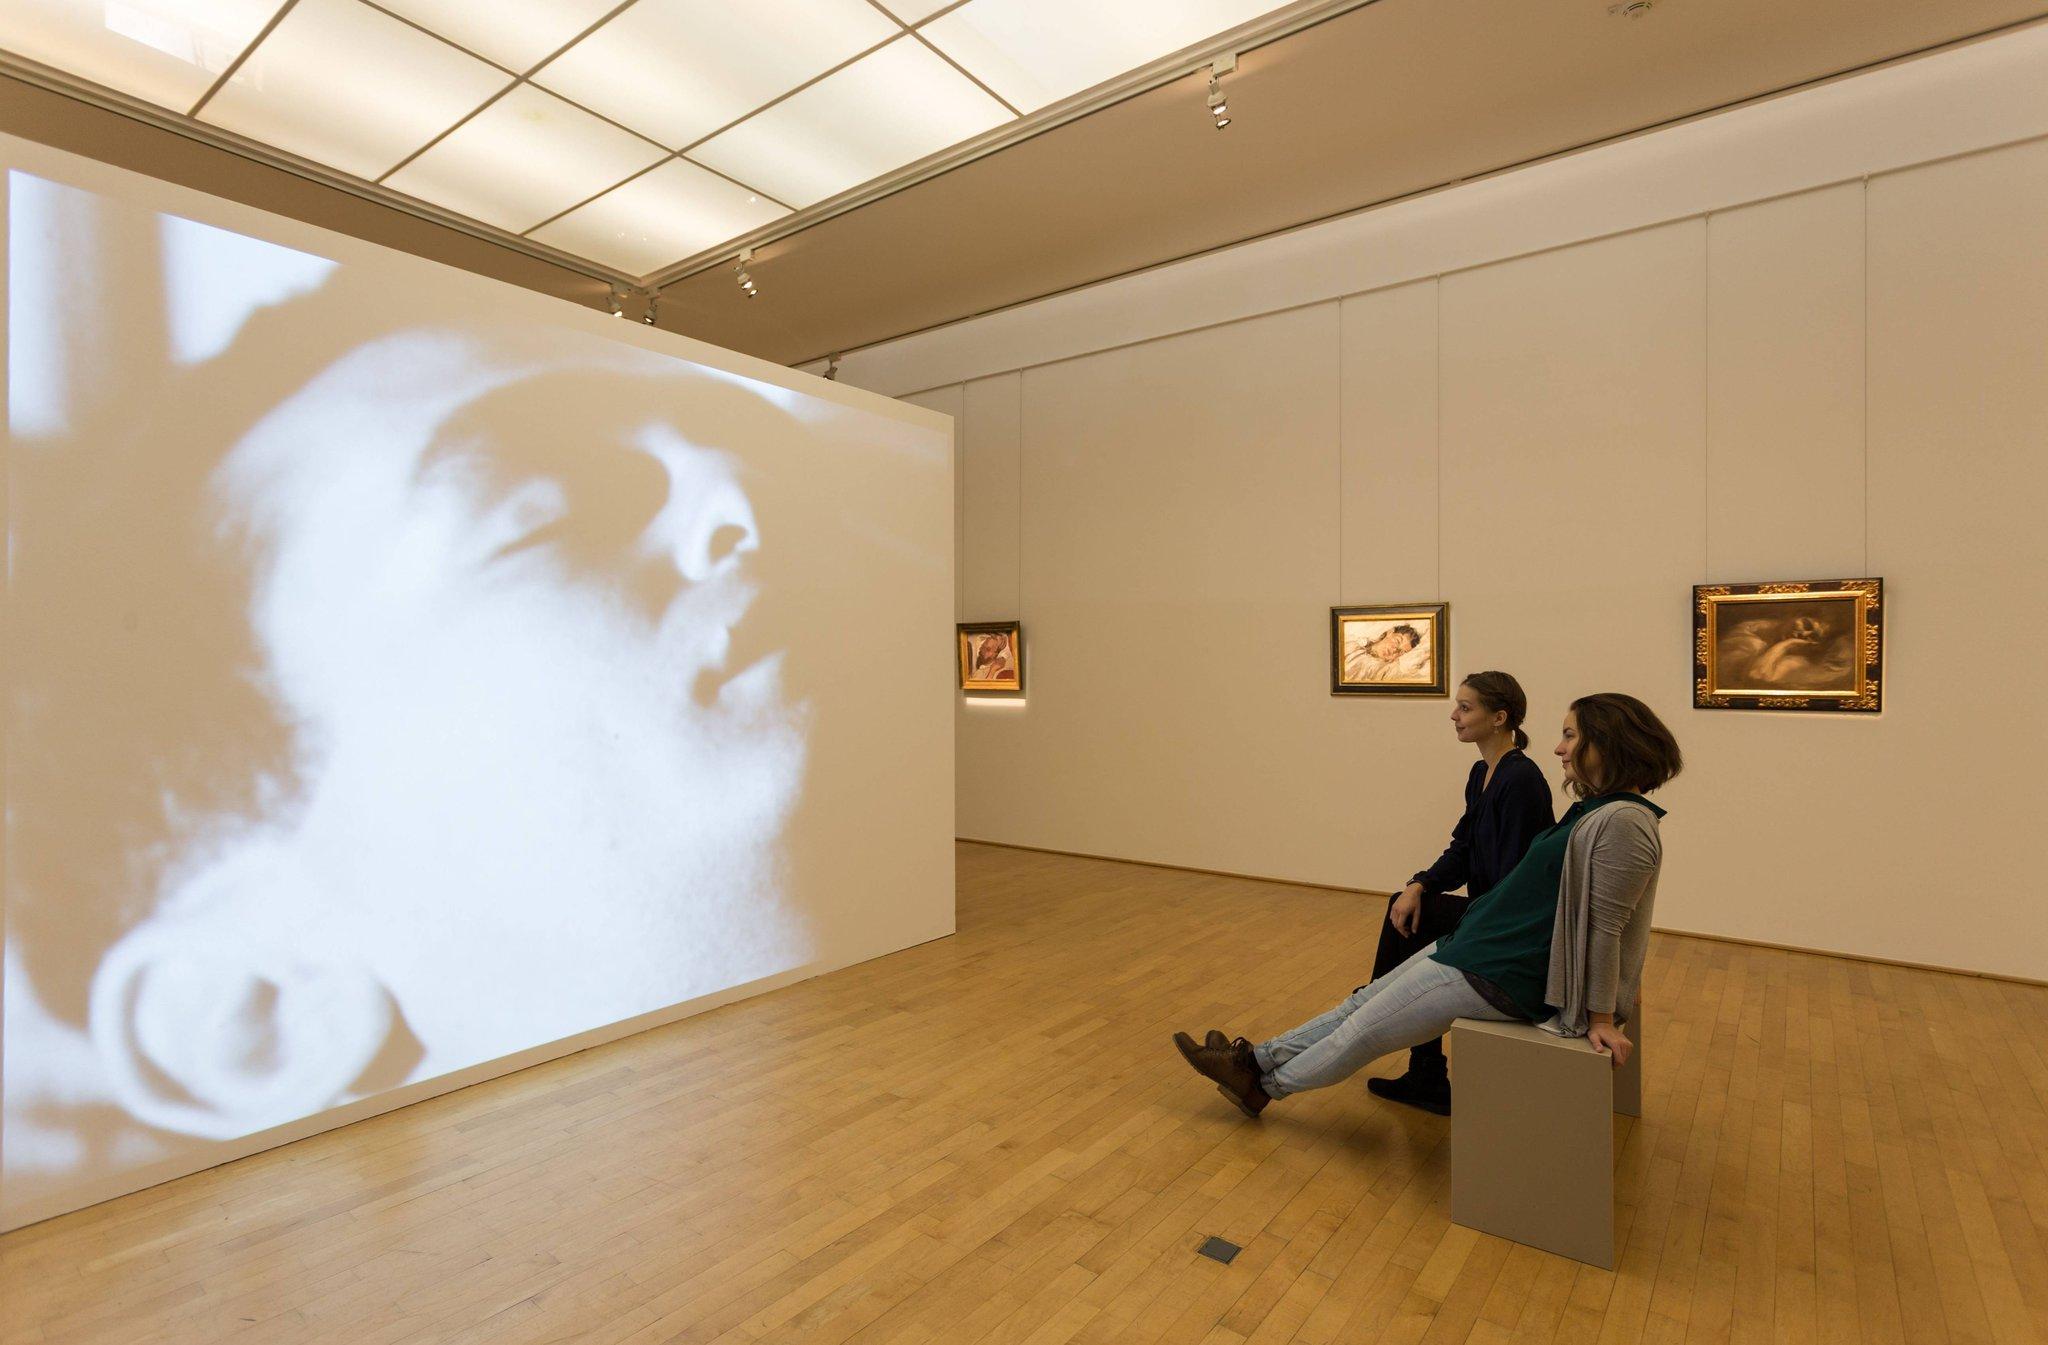 Ausstellung in Bremen beschäftigt sich mit dem Schlaf